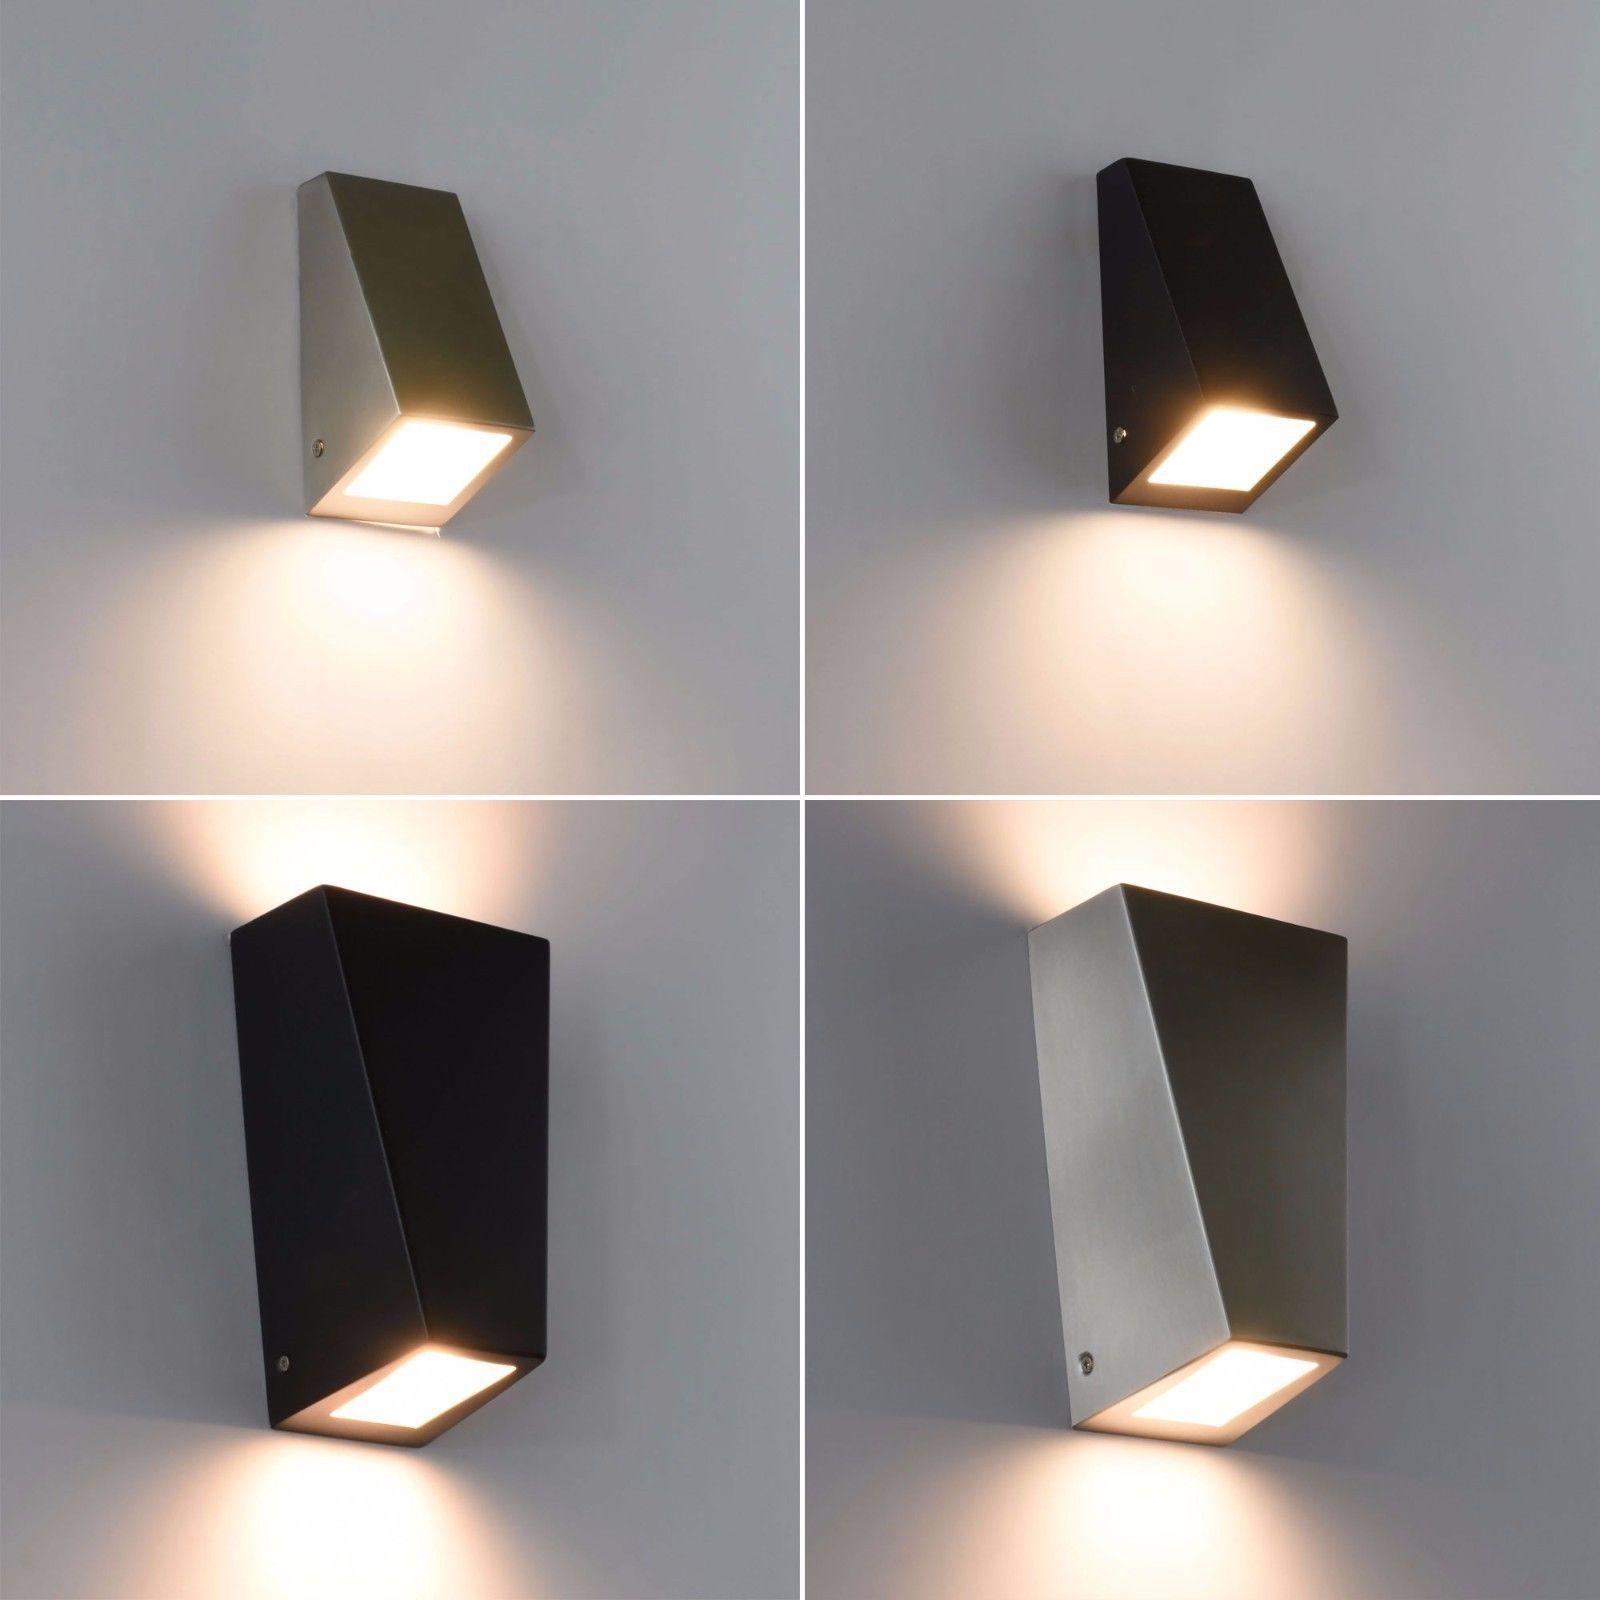 Aussenleuchte Edelstahl Aussenlampe Wandleuchte Wandlampe Up Down Leuchte 560 Ebay Aussenlampe Wandlampe Aussenleuchten